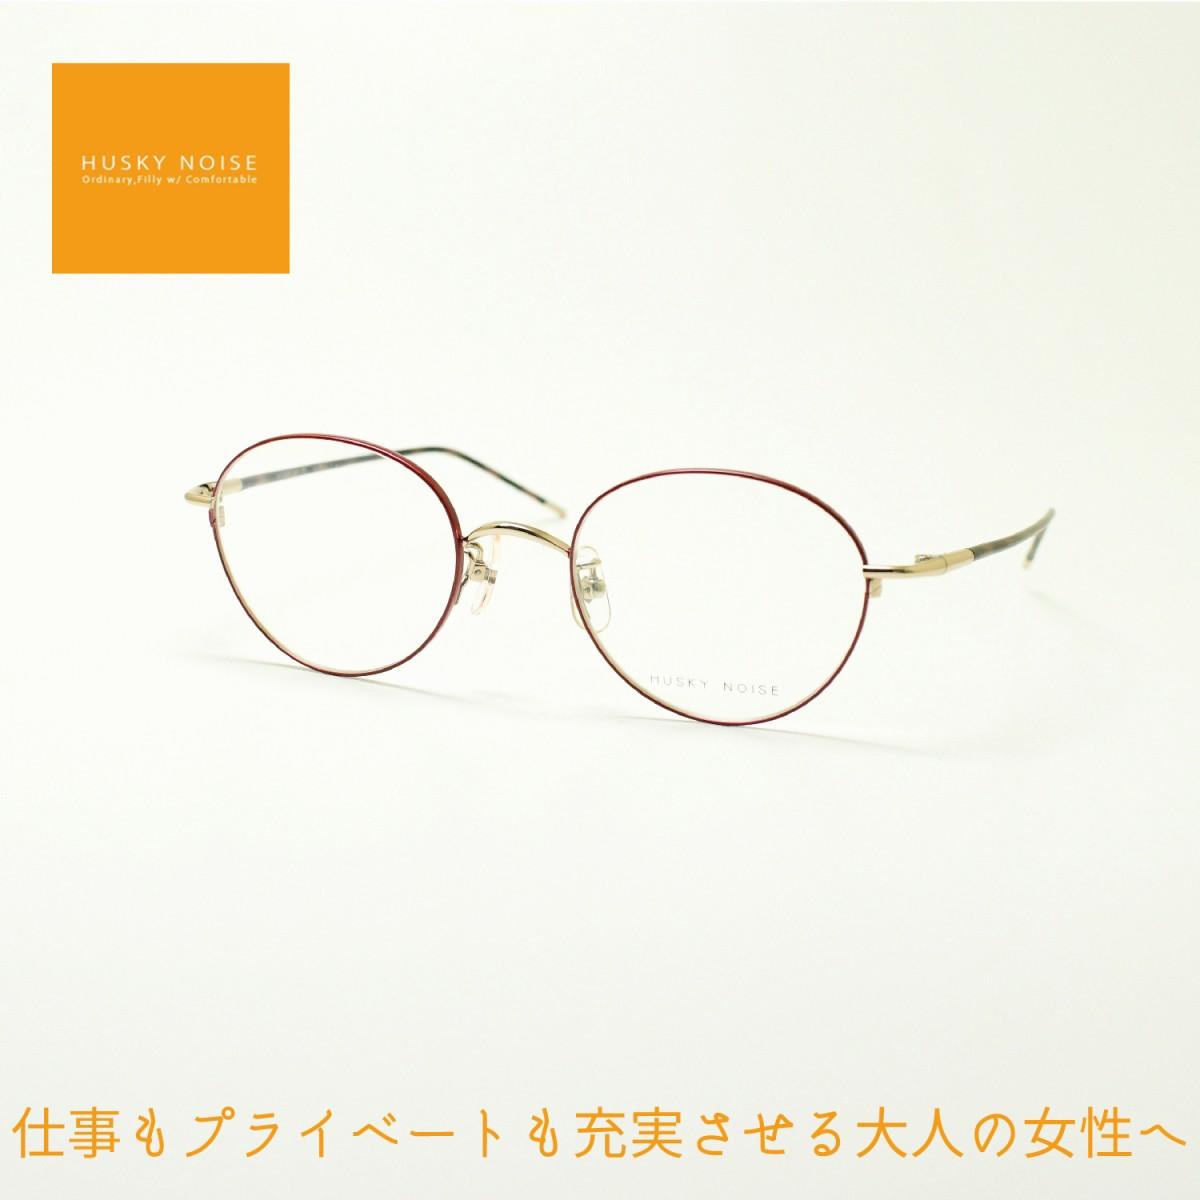 HUSKY NOISE ハスキーノイズH-173 col-2メガネ 眼鏡 めがね メンズ レディース おしゃれ ブランド 人気 おすすめ フレーム 流行り 度付き レンズ